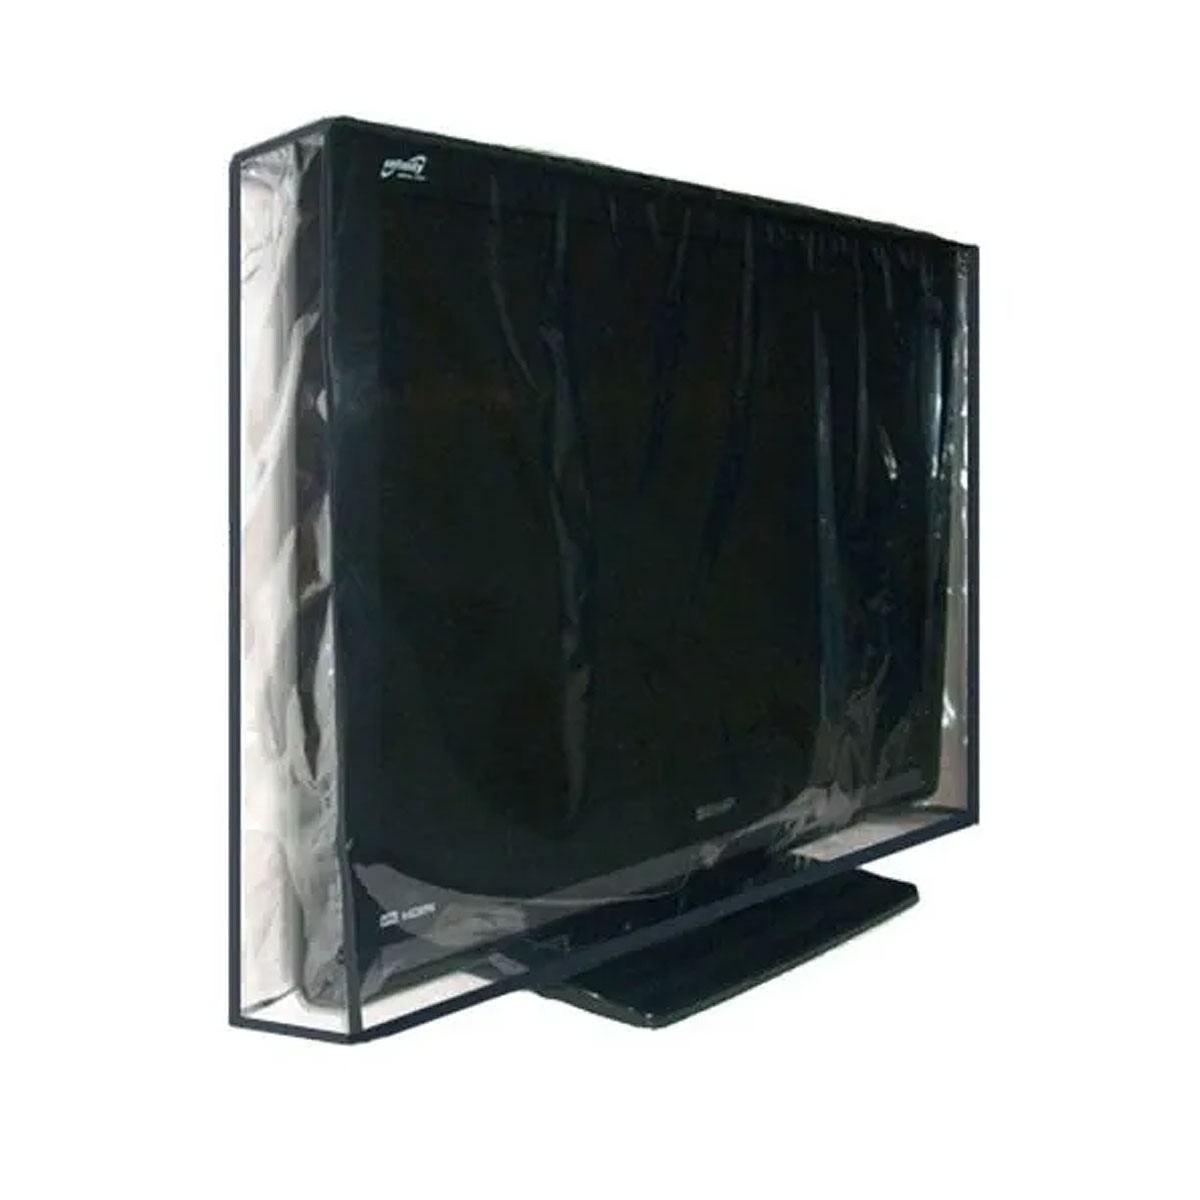 Capa Para Tv Led 50 Pvc Cristal - Fechada Atrás